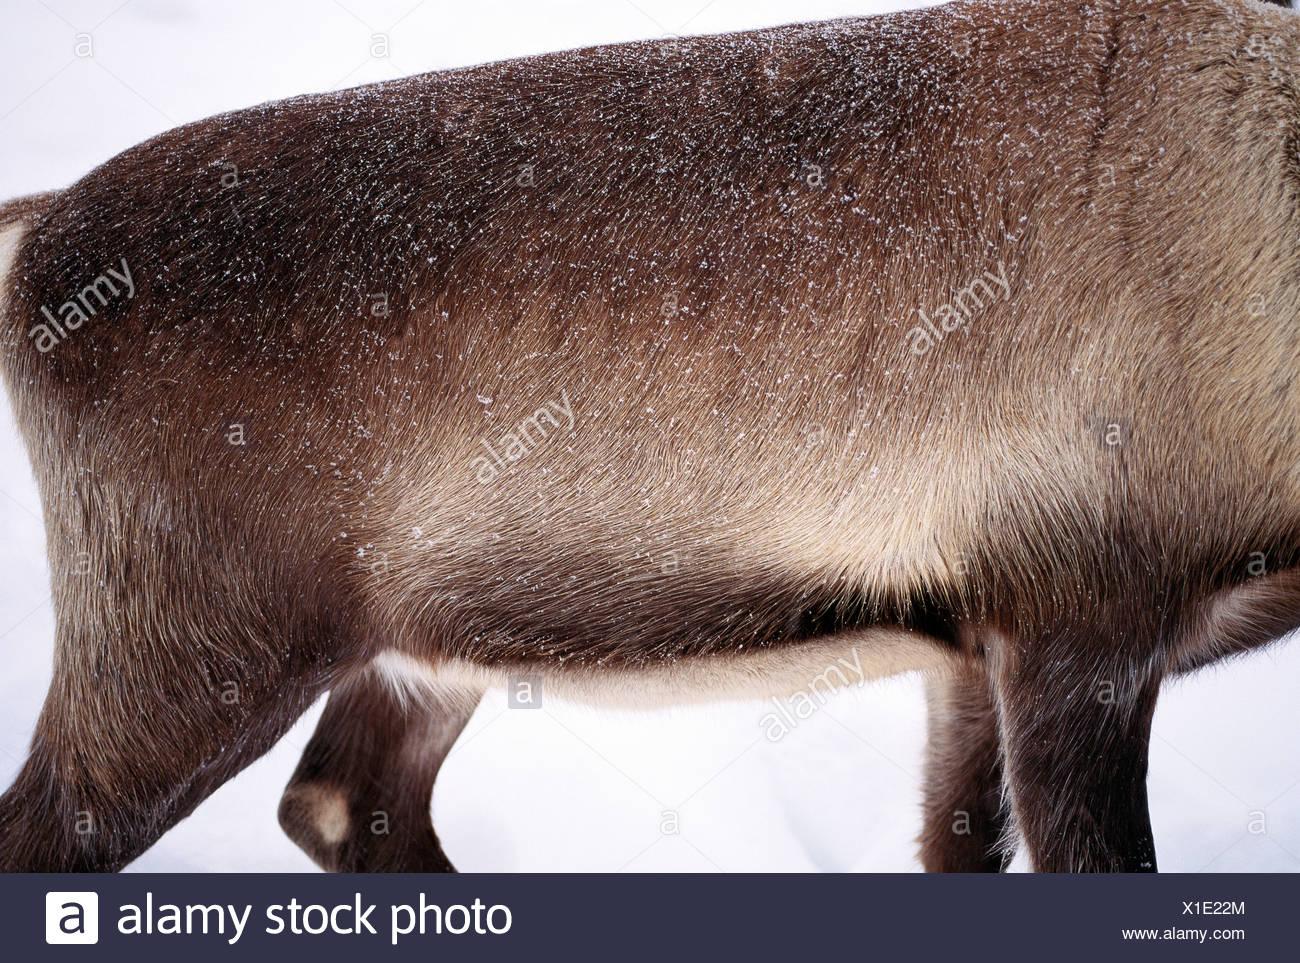 Reindeer, close-up, Sweden. - Stock Image